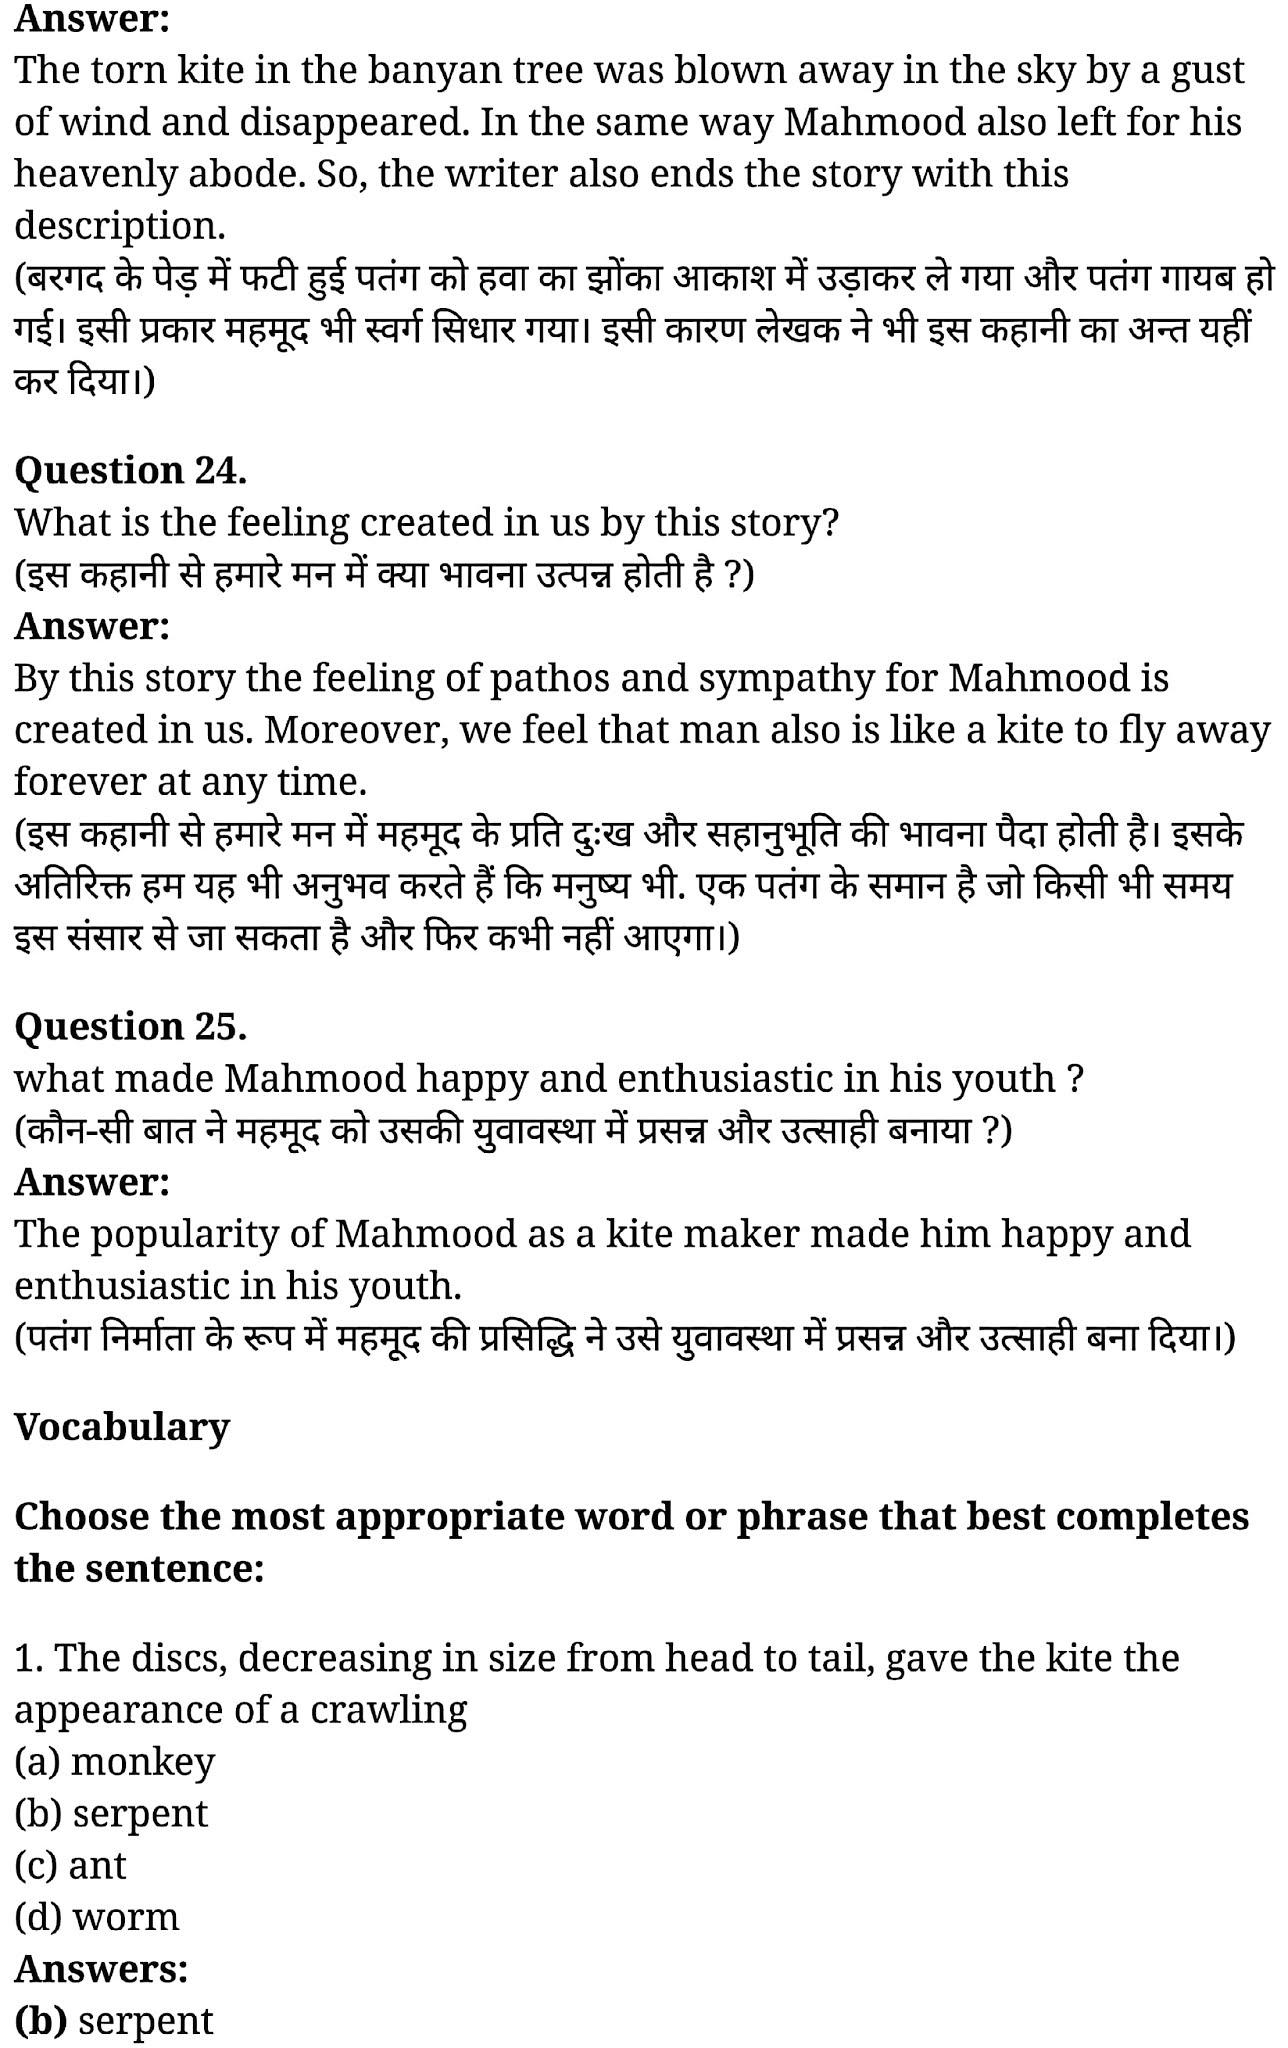 कक्षा 11 अंग्रेज़ी Prose अध्याय 4  के नोट्स हिंदी में एनसीईआरटी समाधान,   class 11 Prose chapter 4 Prose chapter 1,  class 11 Prose chapter 4 Prose chapter 4 ncert solutions in hindi,  class 11 Prose chapter 4 Prose chapter 4 notes in hindi,  class 11 Prose chapter 4 Prose chapter 4 question answer,  class 11 Prose chapter 4 Prose chapter 4 notes,  11   class Prose chapter 4 Prose chapter 4 in hindi,  class 11 Prose chapter 4 Prose chapter 4 in hindi,  class 11 Prose chapter 4 Prose chapter 4 important questions in hindi,  class 11 Prose chapter 4 notes in hindi,  class 11 Prose chapter 4 Prose chapter 4 test,  class 11 Prose chapter 1Prose chapter 4 pdf,  class 11 Prose chapter 4 Prose chapter 4 notes pdf,  class 11 Prose chapter 4 Prose chapter 4 exercise solutions,  class 11 Prose chapter 4 Prose chapter 1, class 11 Prose chapter 4 Prose chapter 4 notes study rankers,  class 11 Prose chapter 4 Prose chapter 4 notes,  class 11 Prose chapter 4 notes,   Prose chapter 4  class 11  notes pdf,  Prose chapter 4 class 11  notes 2021 ncert,   Prose chapter 4 class 11 pdf,    Prose chapter 4  book,     Prose chapter 4 quiz class 11  ,       11  th Prose chapter 4    book up board,       up board 11  th Prose chapter 4 notes,  कक्षा 11 अंग्रेज़ी Prose अध्याय 4 , कक्षा 11 अंग्रेज़ी का Prose अध्याय 4  ncert solution in hindi, कक्षा 11 अंग्रेज़ी के Prose अध्याय 4  के नोट्स हिंदी में, कक्षा 11 का अंग्रेज़ीProse अध्याय 4 का प्रश्न उत्तर, कक्षा 11 अंग्रेज़ी Prose अध्याय 4 के नोट्स, 11 कक्षा अंग्रेज़ी Prose अध्याय 4   हिंदी में,कक्षा 11 अंग्रेज़ी Prose अध्याय 4  हिंदी में, कक्षा 11 अंग्रेज़ी Prose अध्याय 4  महत्वपूर्ण प्रश्न हिंदी में,कक्षा 11 के अंग्रेज़ी के नोट्स हिंदी में,अंग्रेज़ी कक्षा 11 नोट्स pdf,  अंग्रेज़ी  कक्षा 11 नोट्स 2021 ncert,  अंग्रेज़ी  कक्षा 11 pdf,  अंग्रेज़ी  पुस्तक,  अंग्रेज़ी की बुक,  अंग्रेज़ी  प्रश्नोत्तरी class 11  , 11   वीं अंग्रेज़ी  पुस्तक up board,  बिहार बोर्ड 11  पुस्तक वीं अंग्रेज़ी नोट्स,    11th Prose chapter 1   book in hindi,11  th Prose chapt